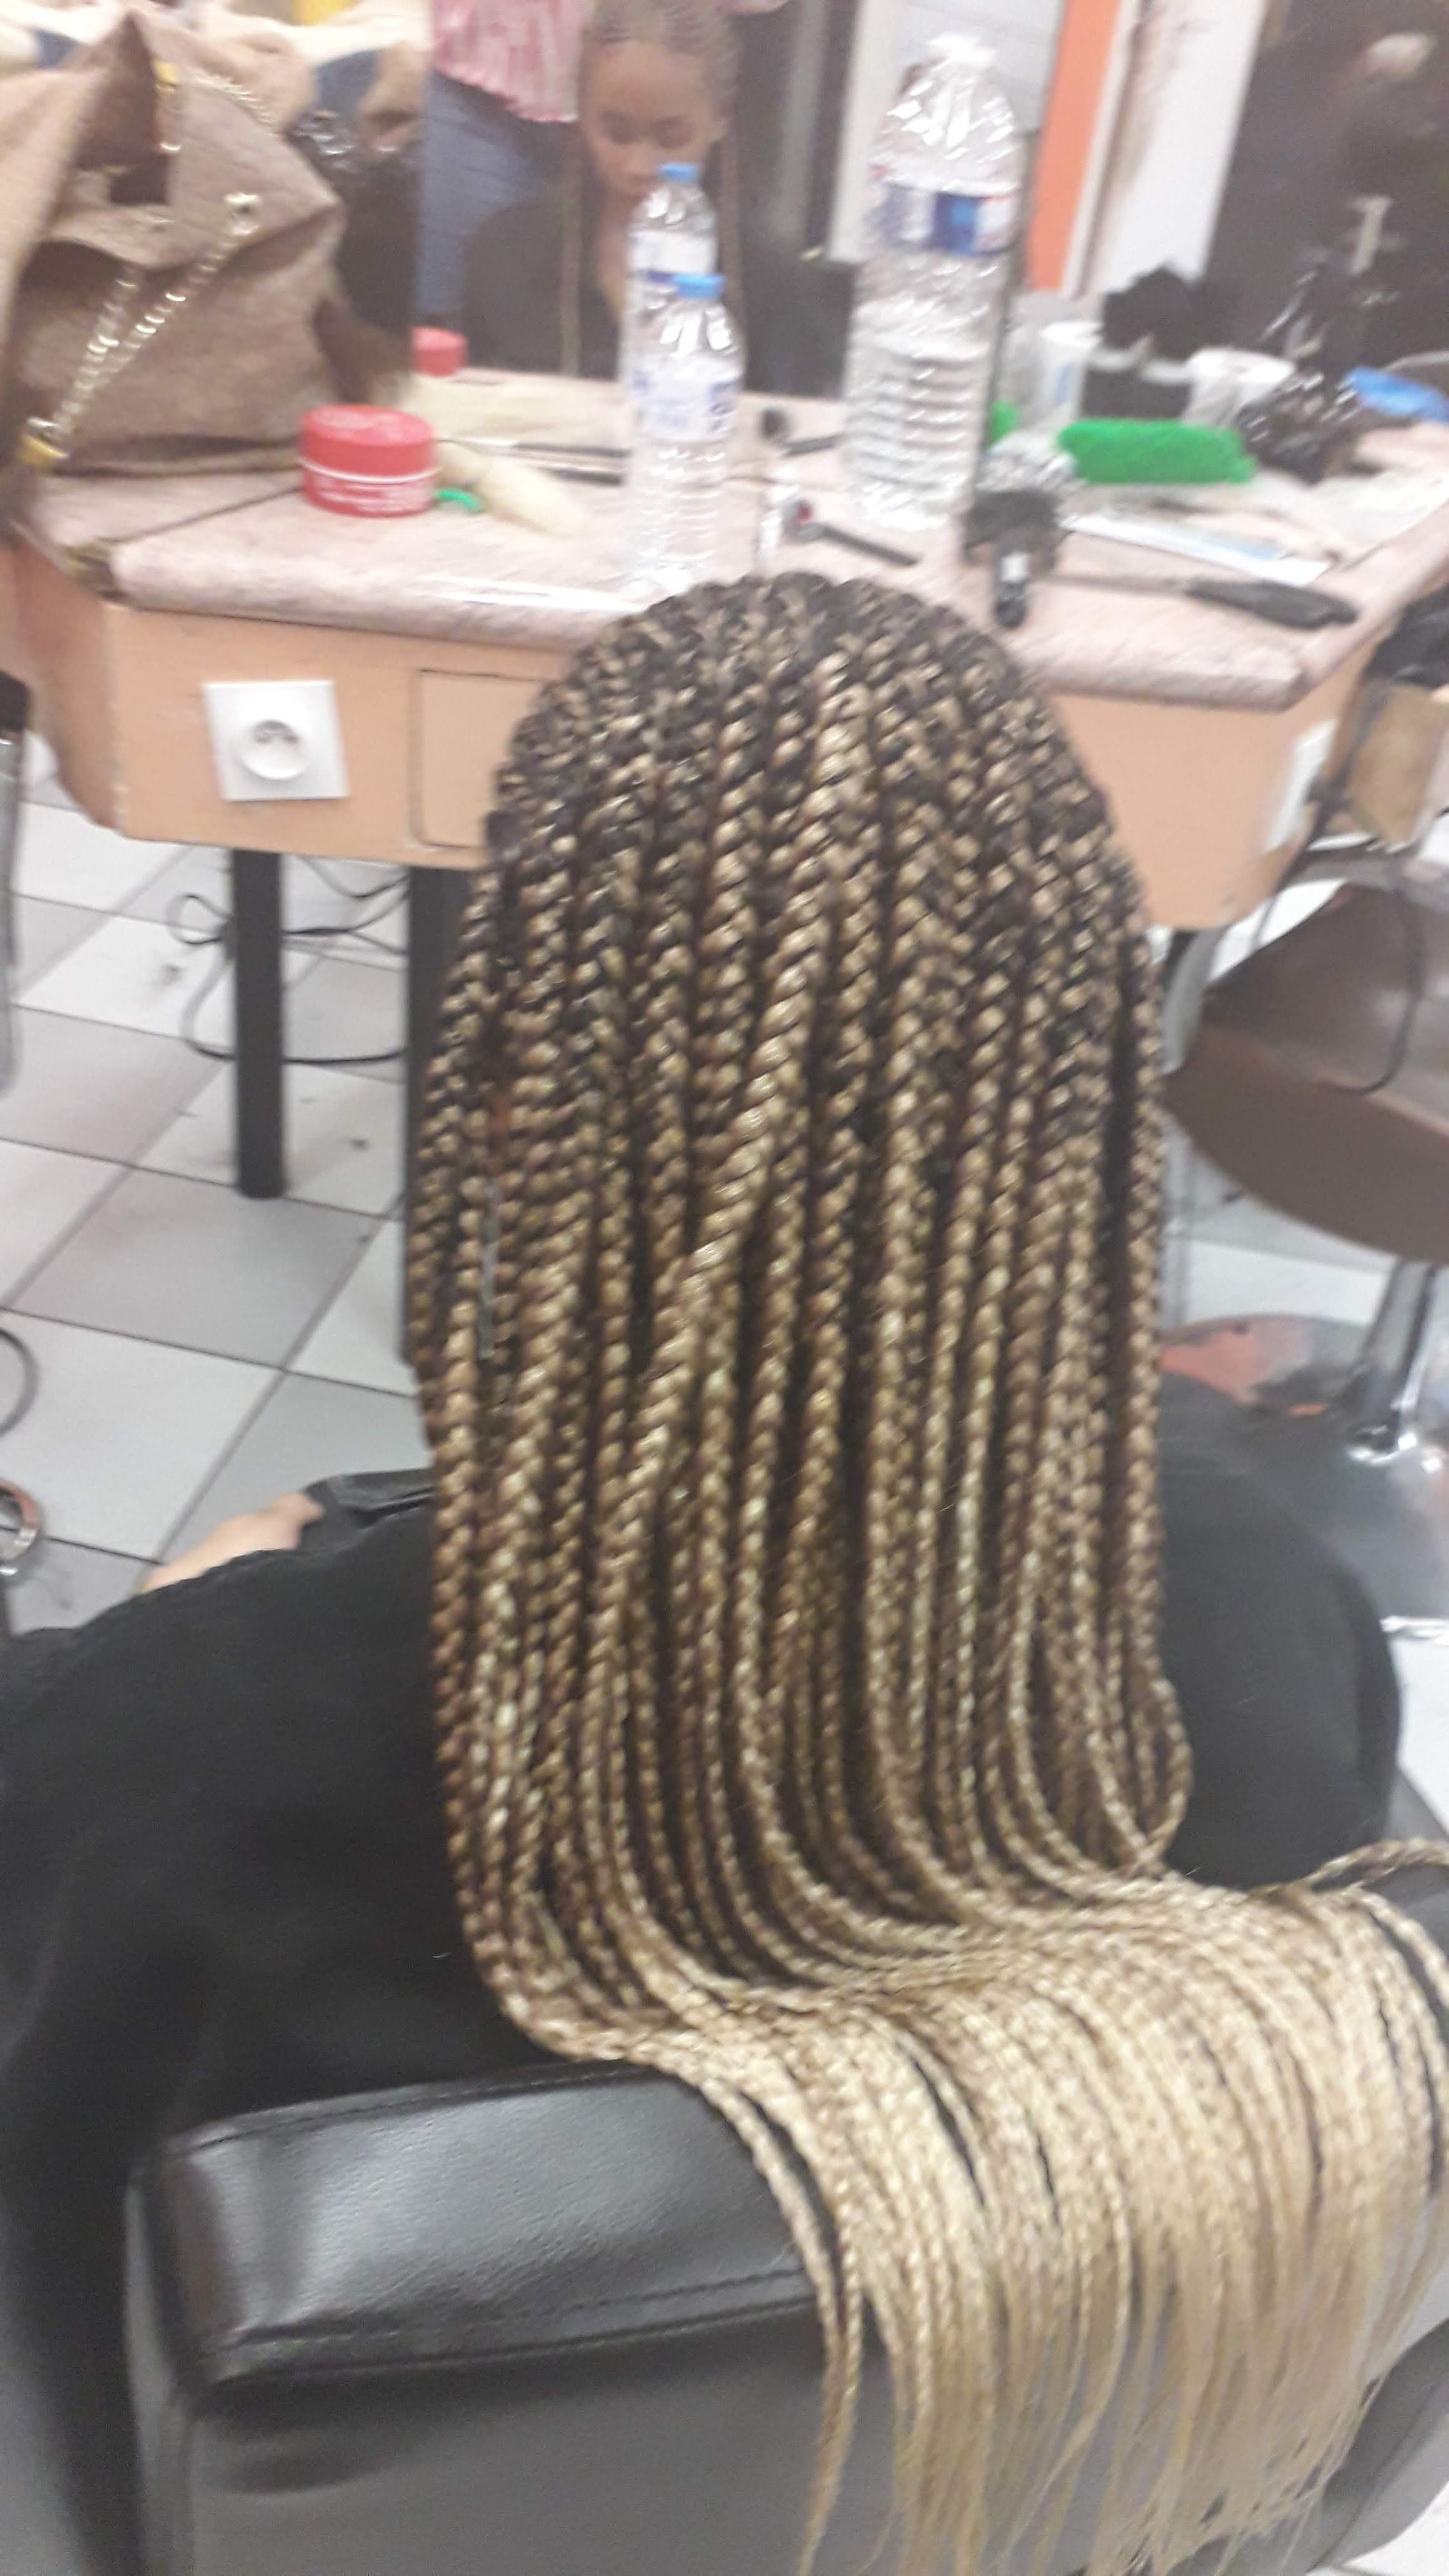 salon de coiffure afro tresse tresses box braids crochet braids vanilles tissages paris 75 77 78 91 92 93 94 95 LVNRBBPM